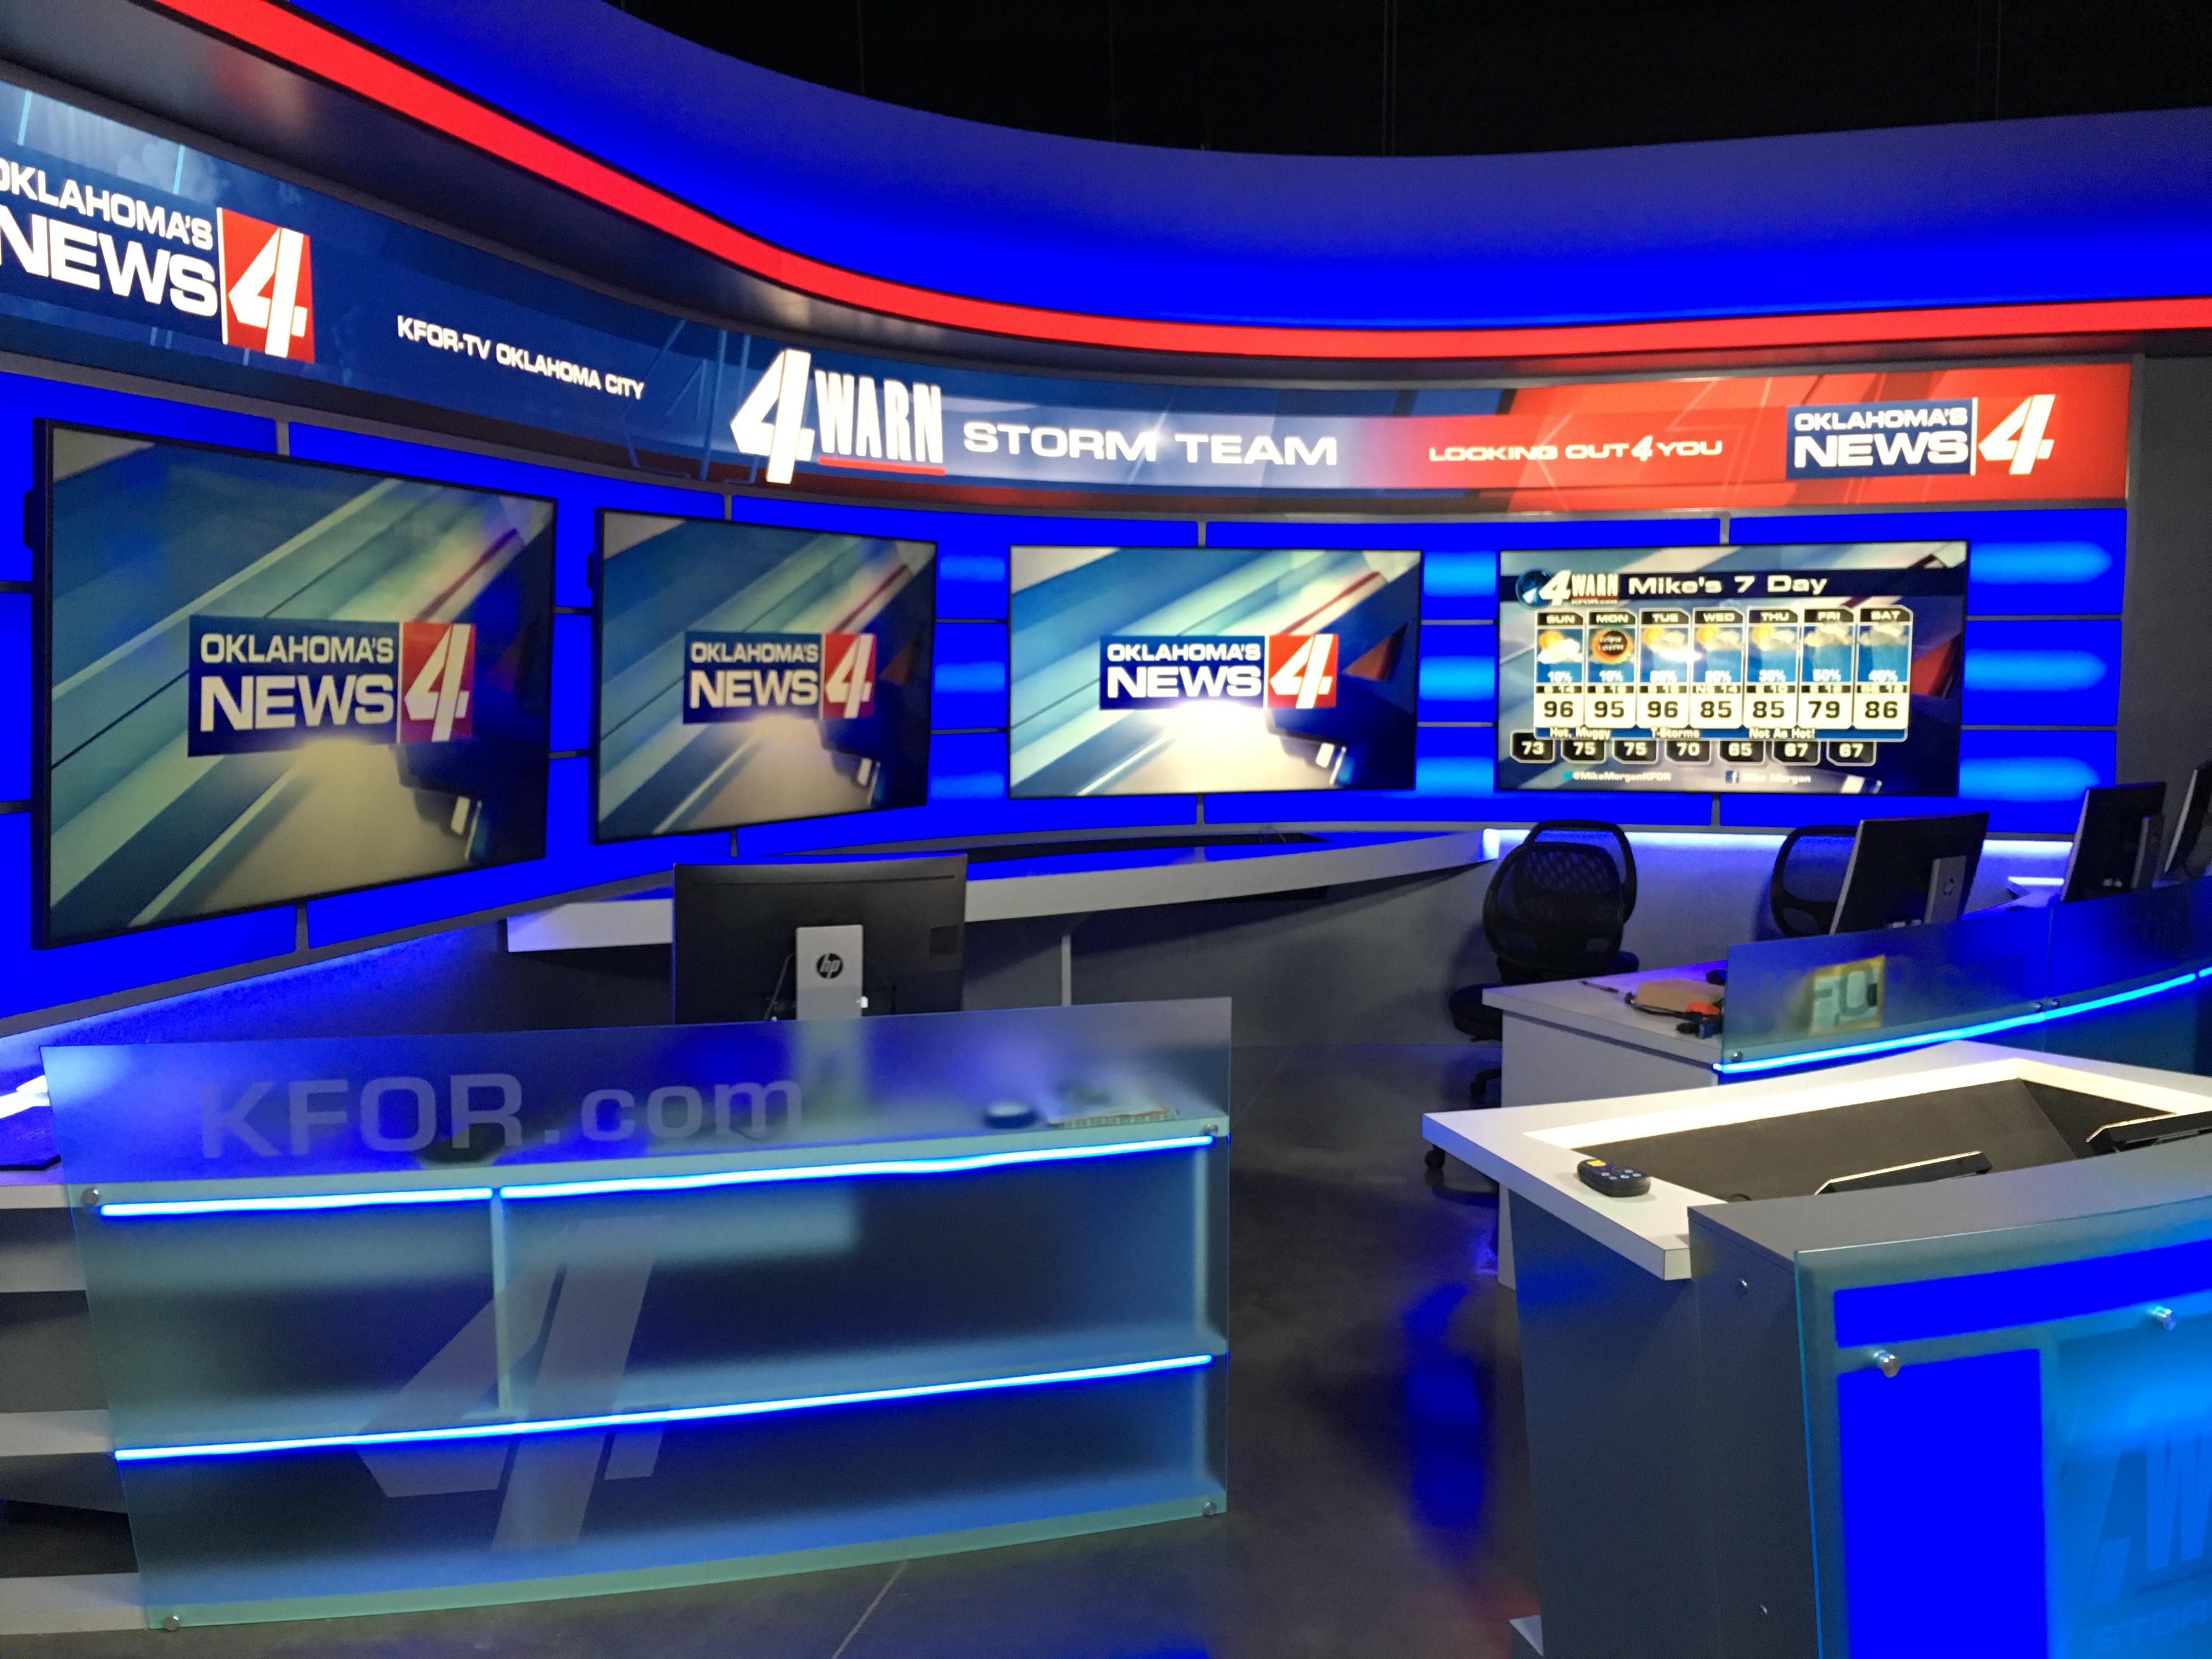 ncs_kfor-oklahoma-news-4-studio_0002